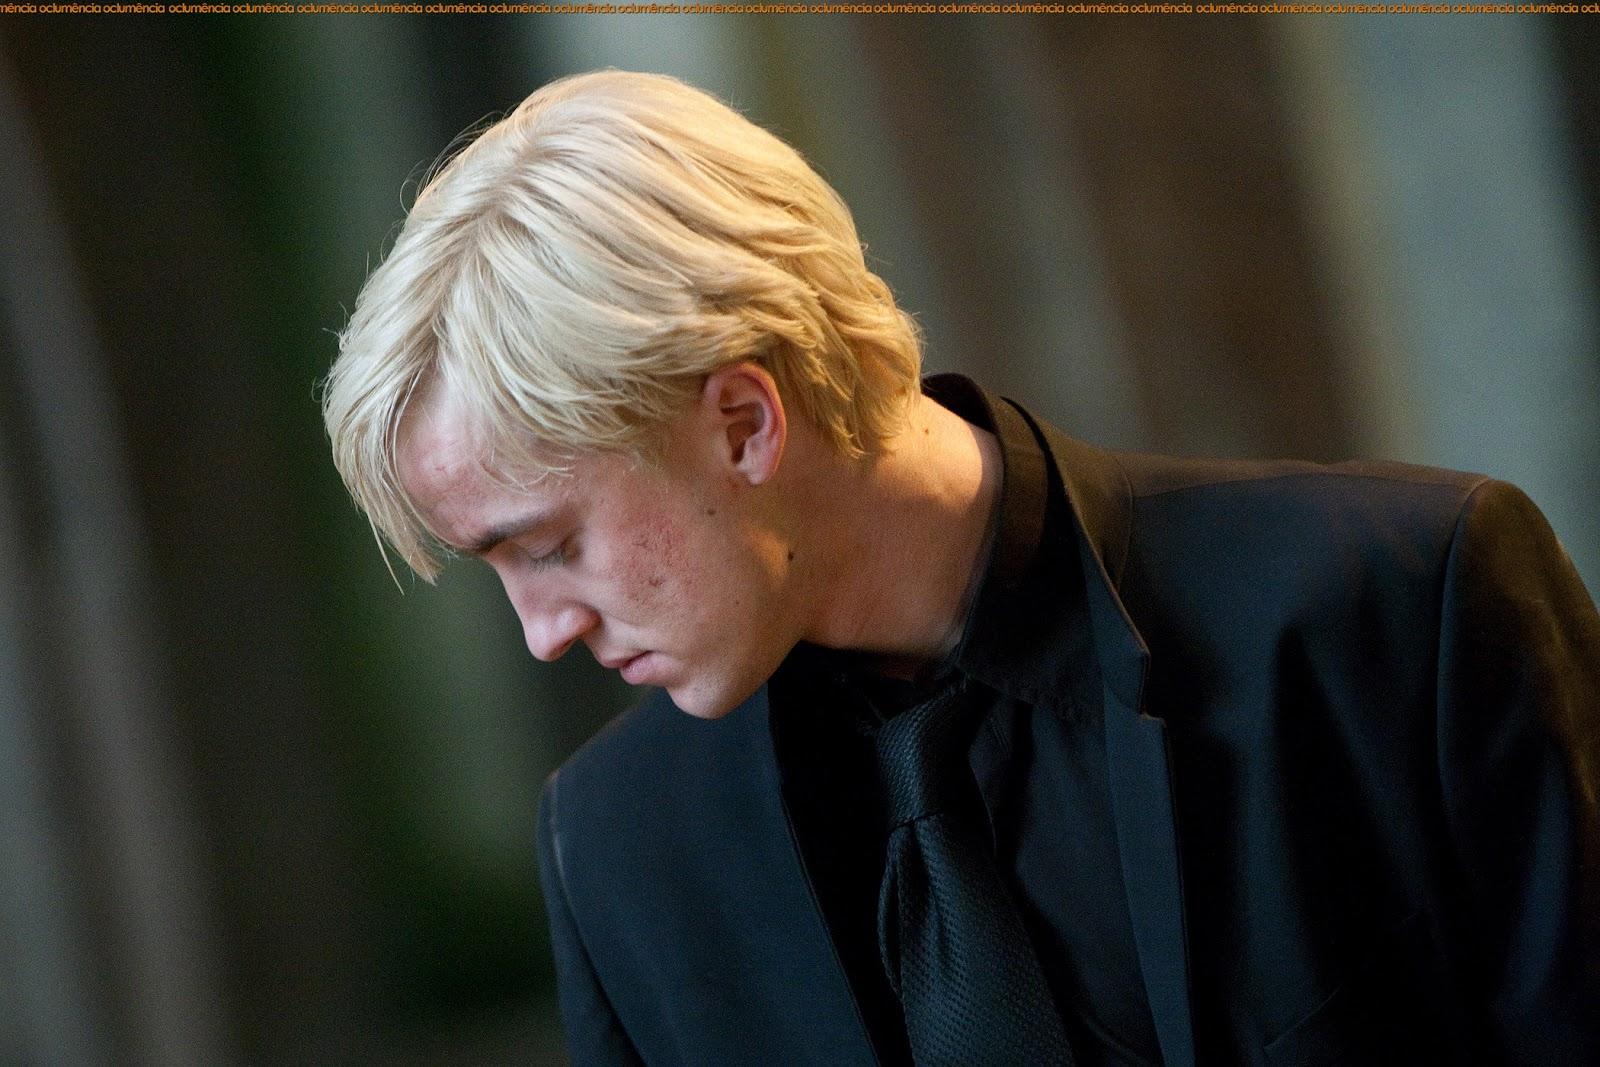 Draco malfoy essay - Malfoy, Draco - By The Lake - Draco x Reader